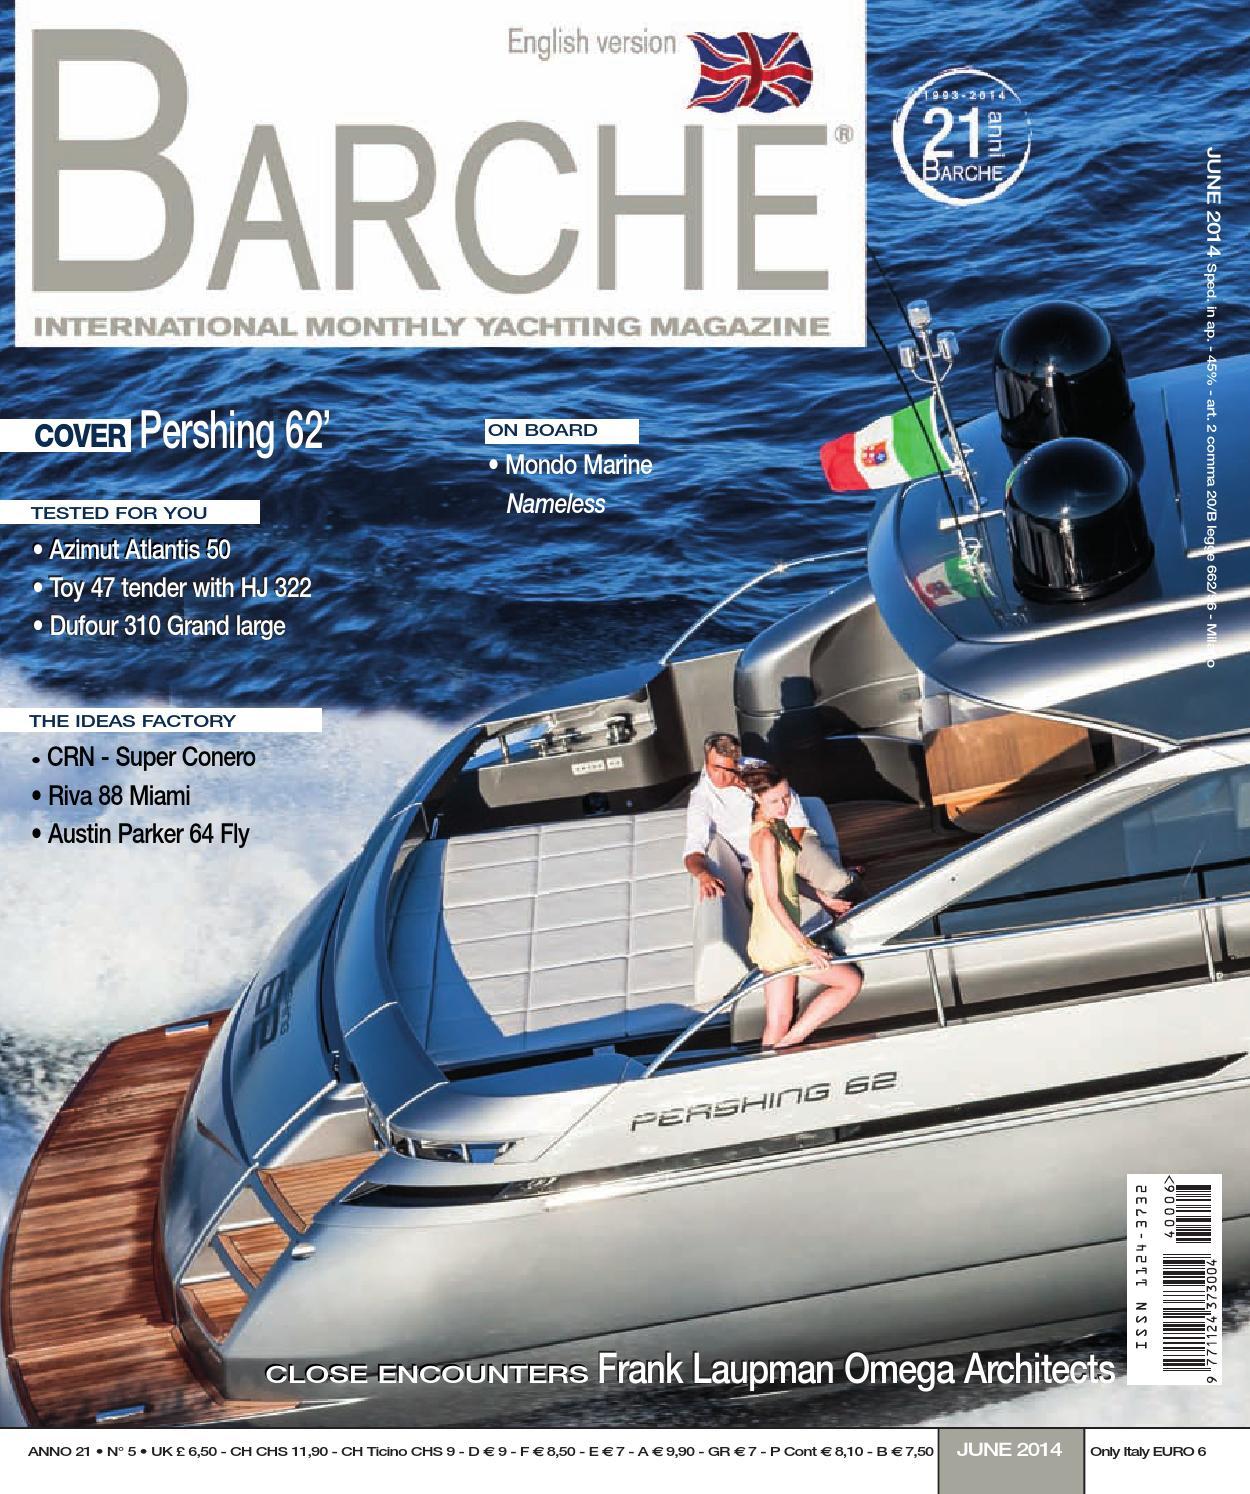 81b8b5424e94 BARCHE June 2014 by INTERNATIONAL SEA PRESS SRL - BARCHE - issuu